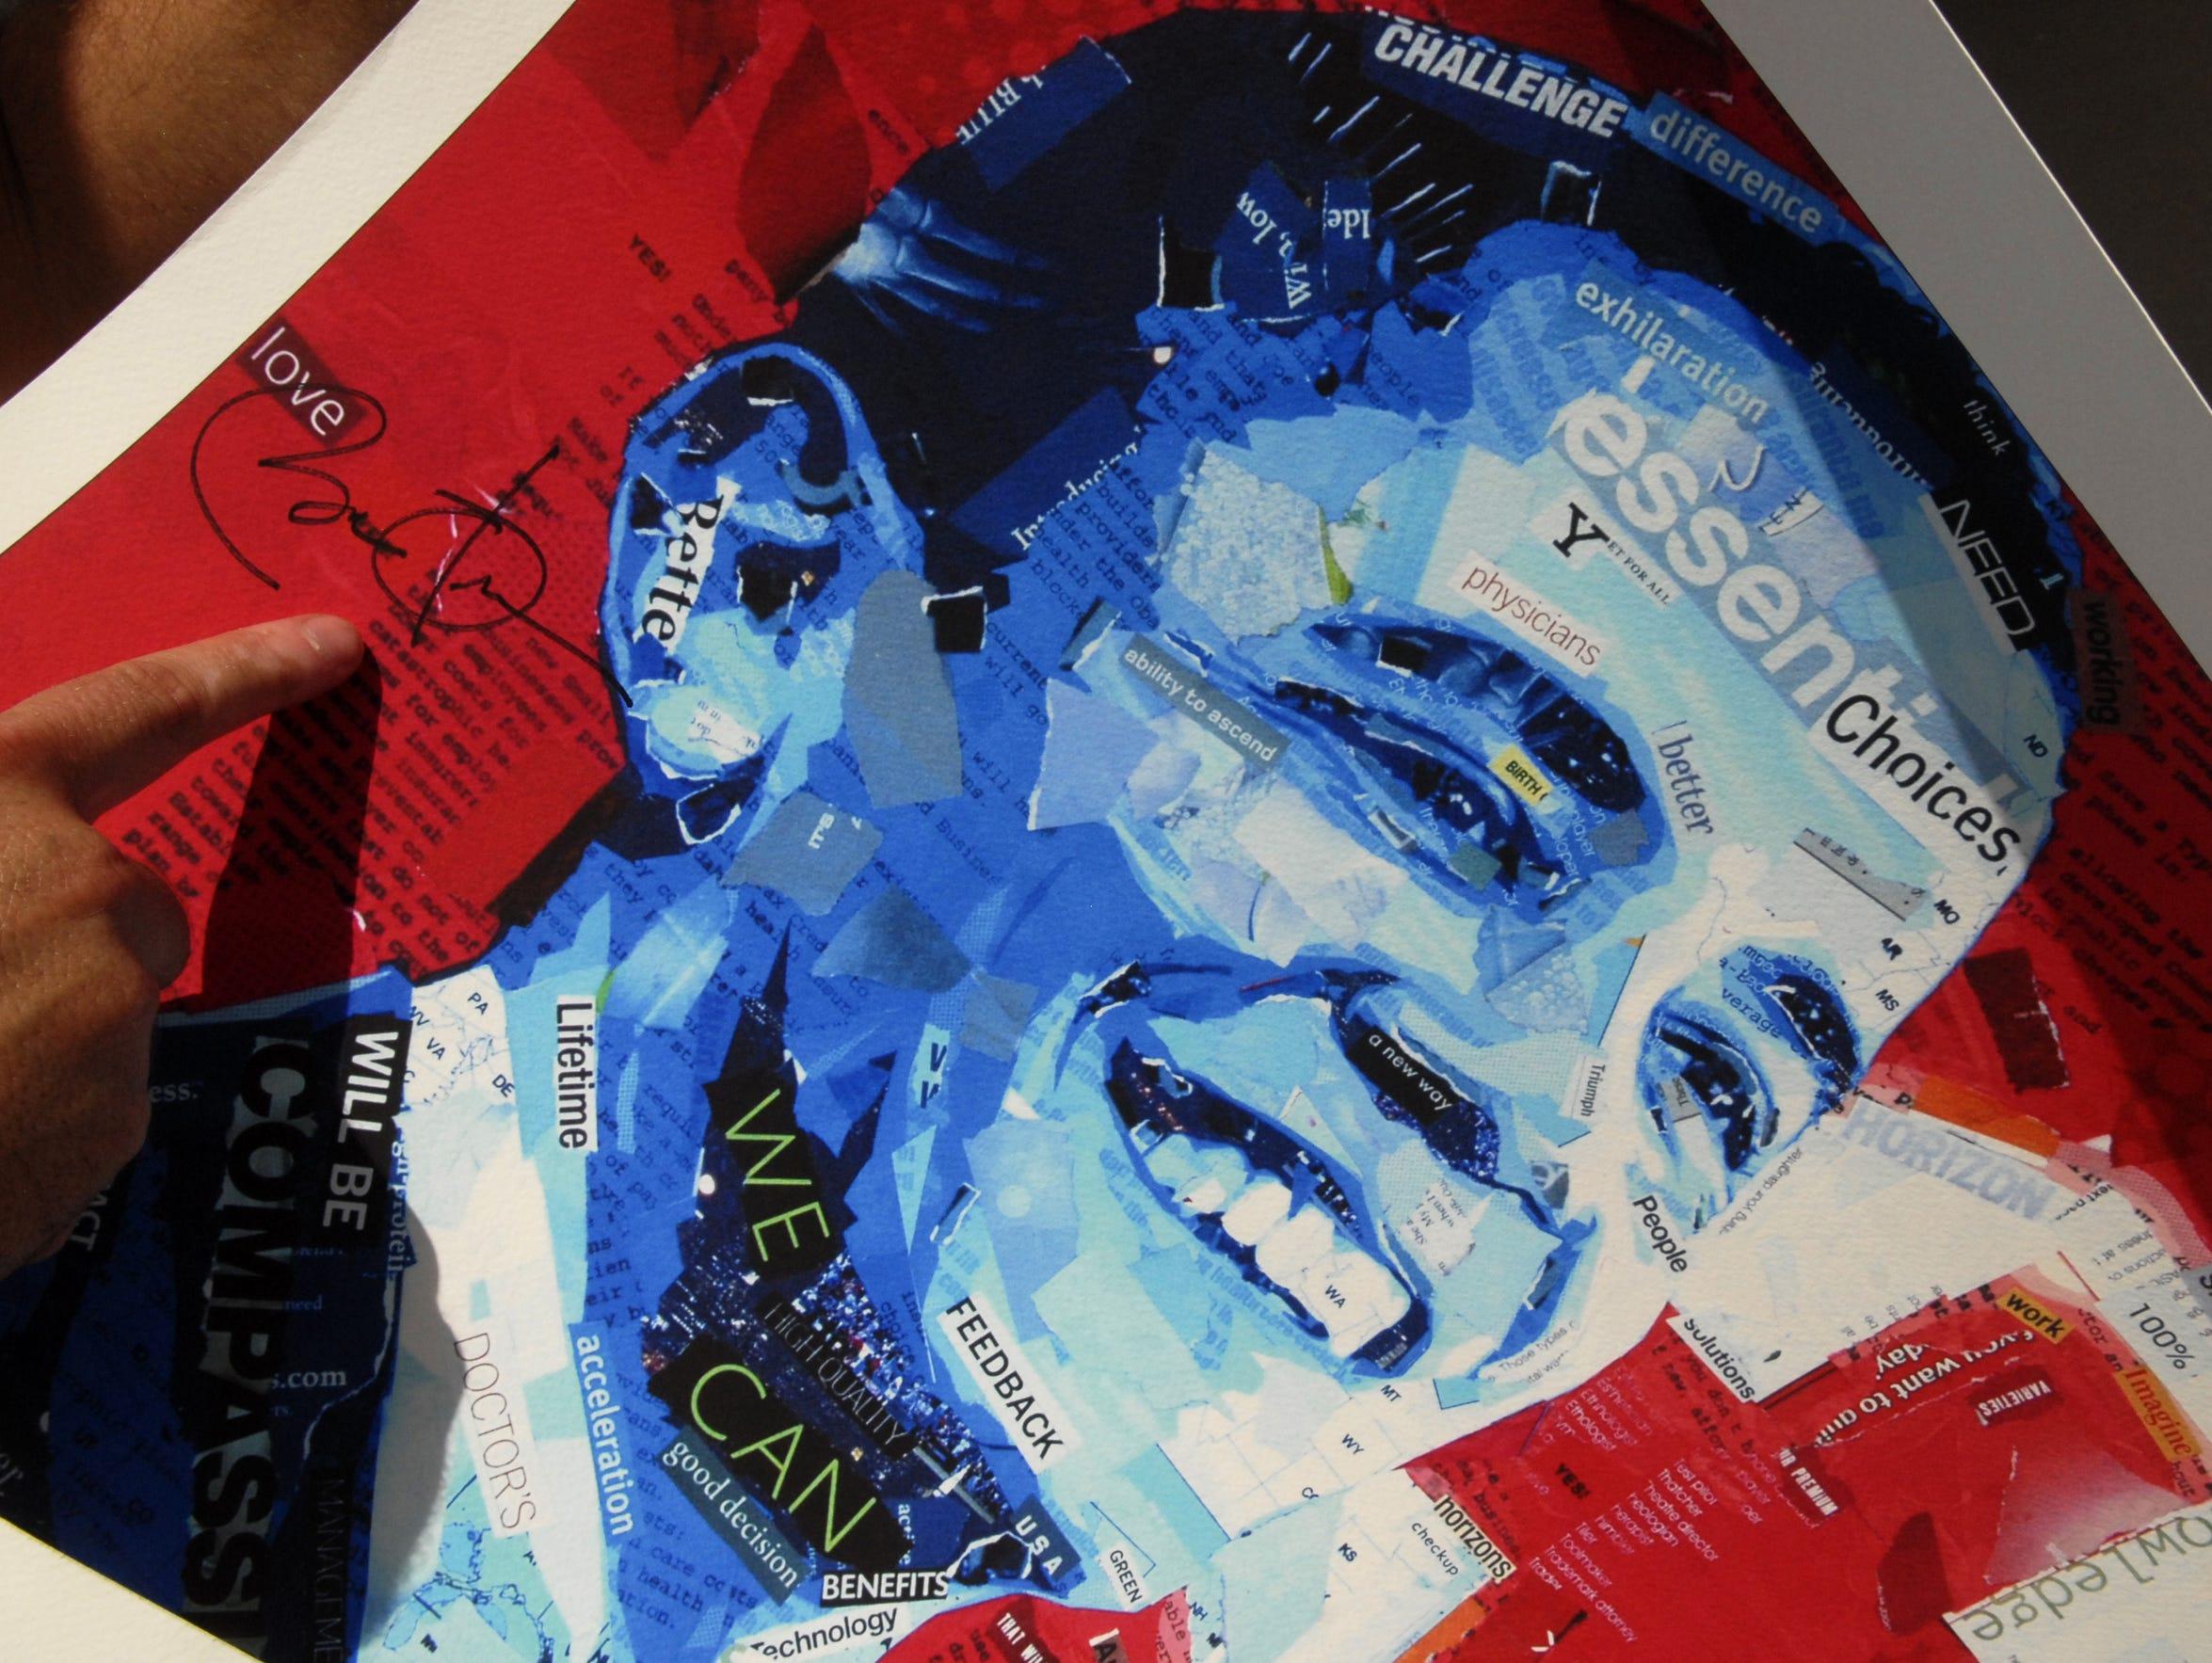 President Barack Obama signed this Derek Gores 2009